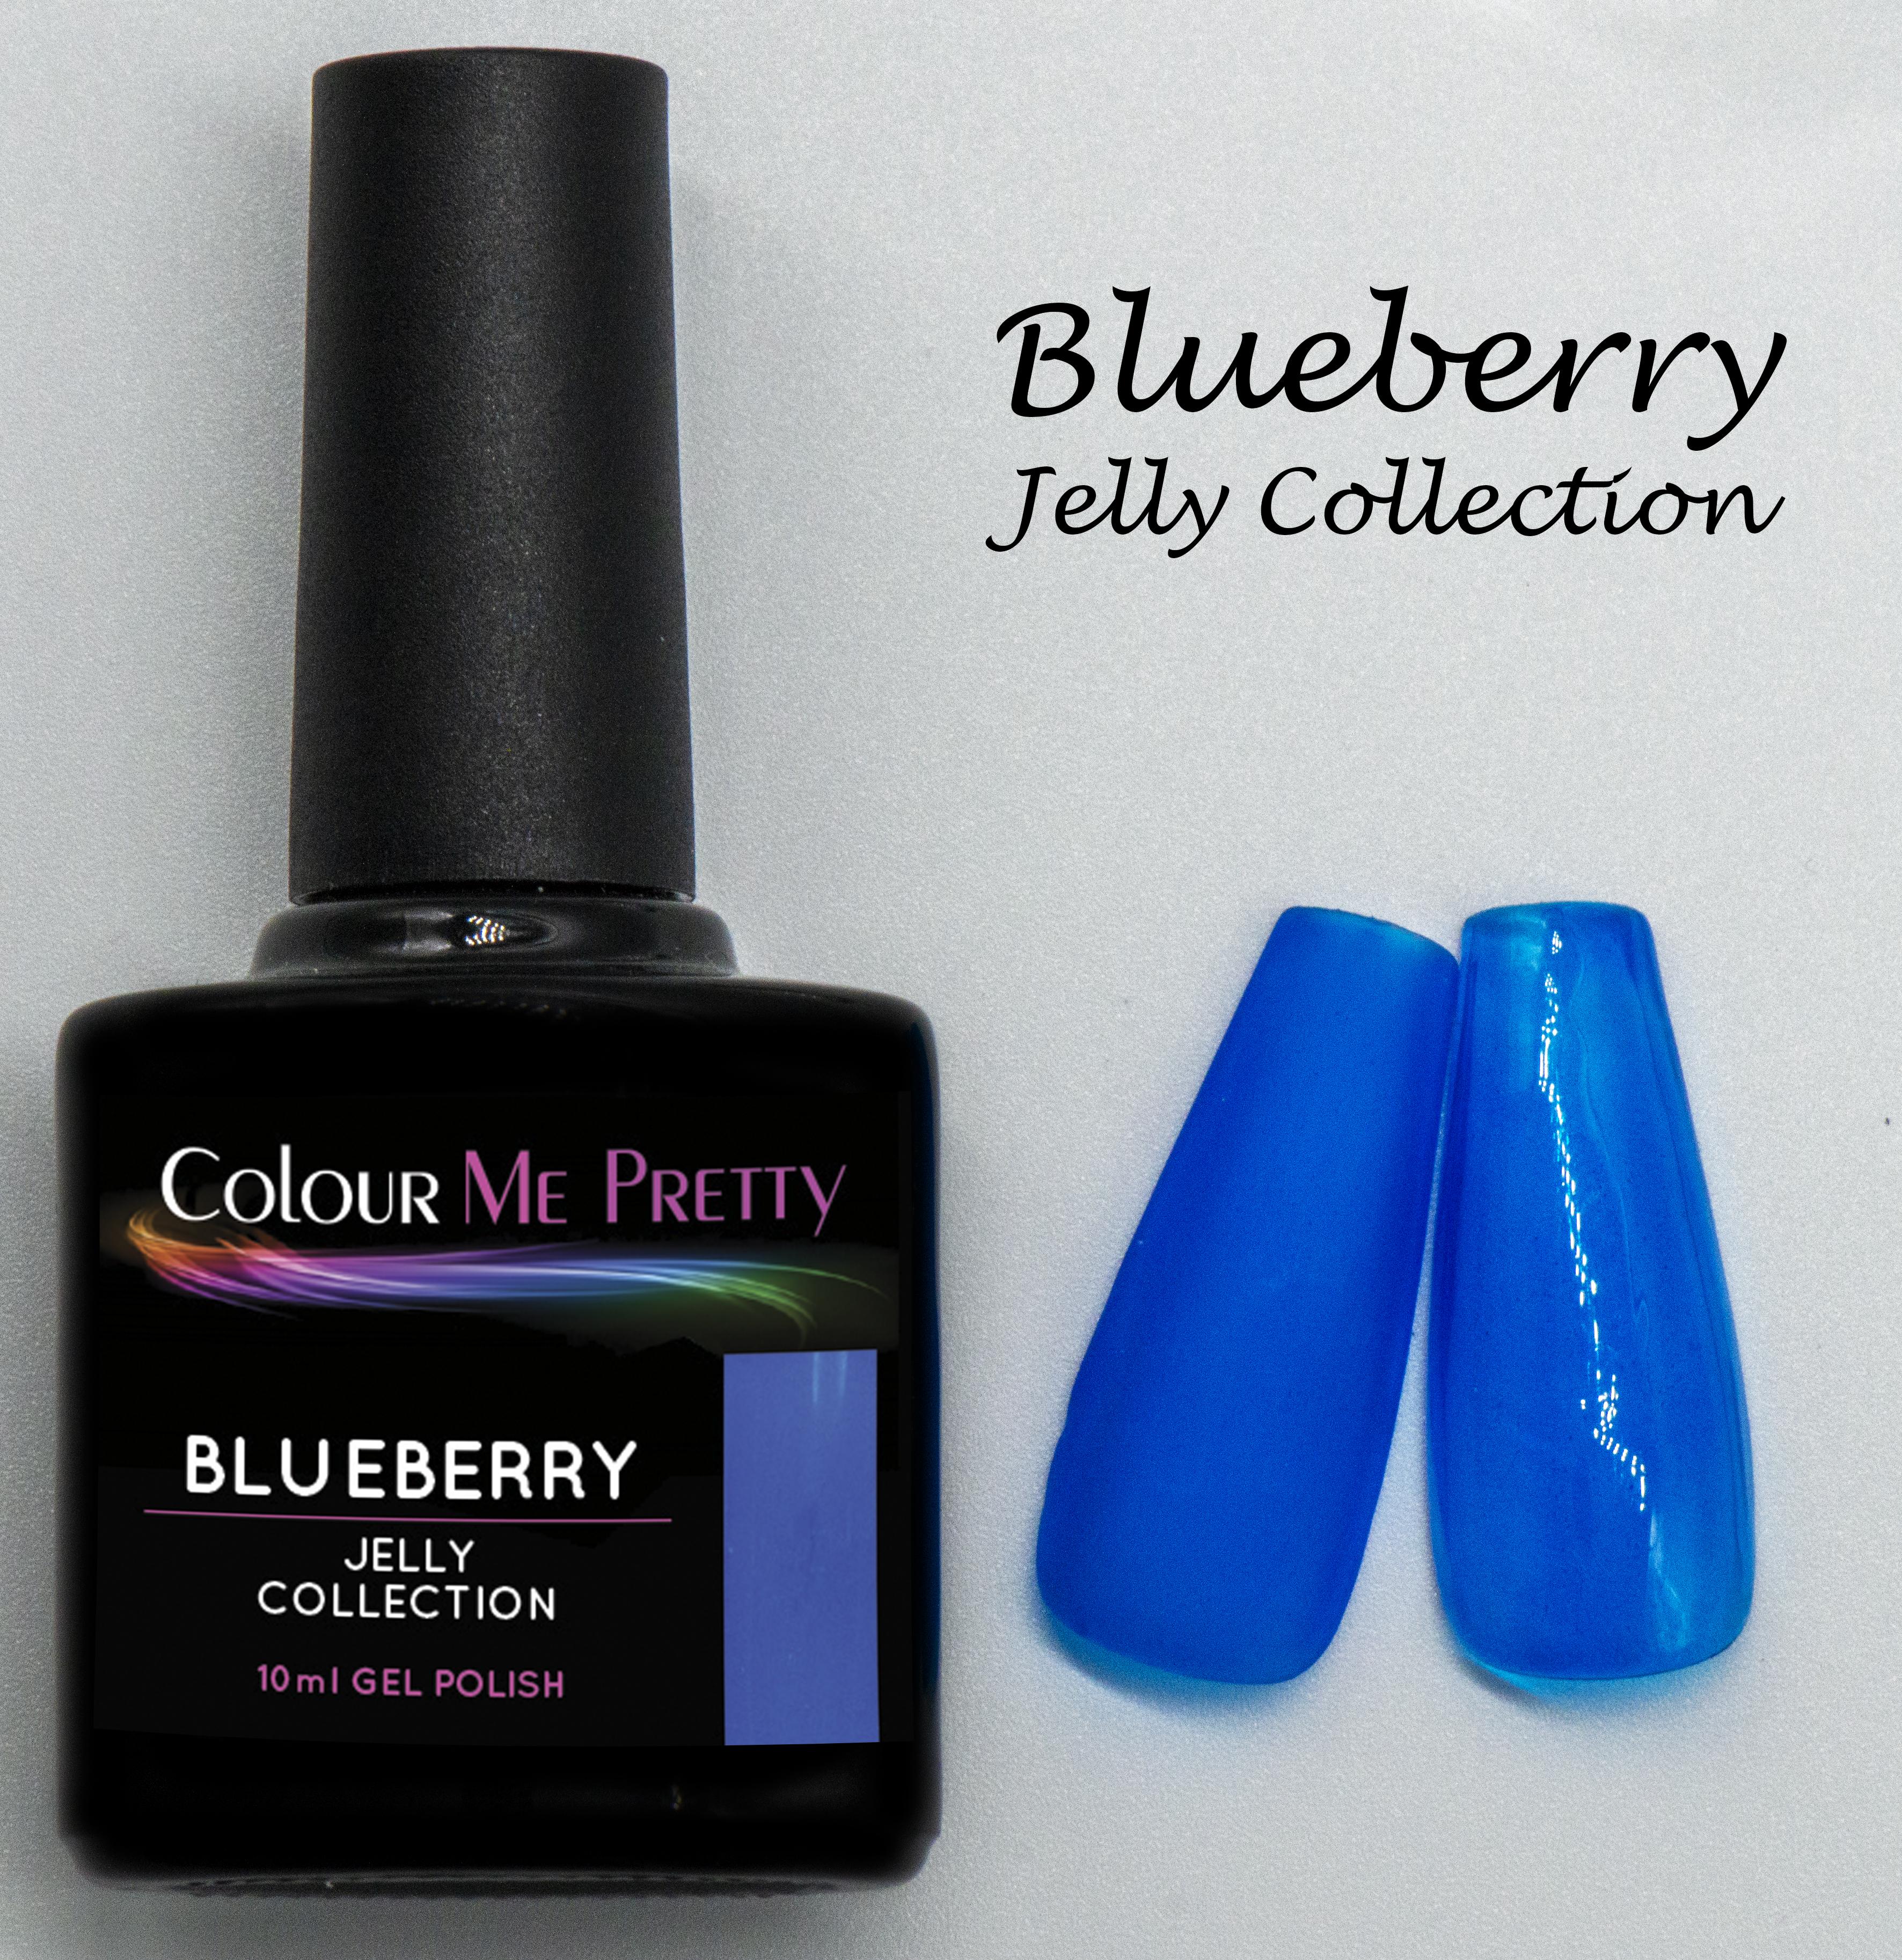 Jelly Blueberry